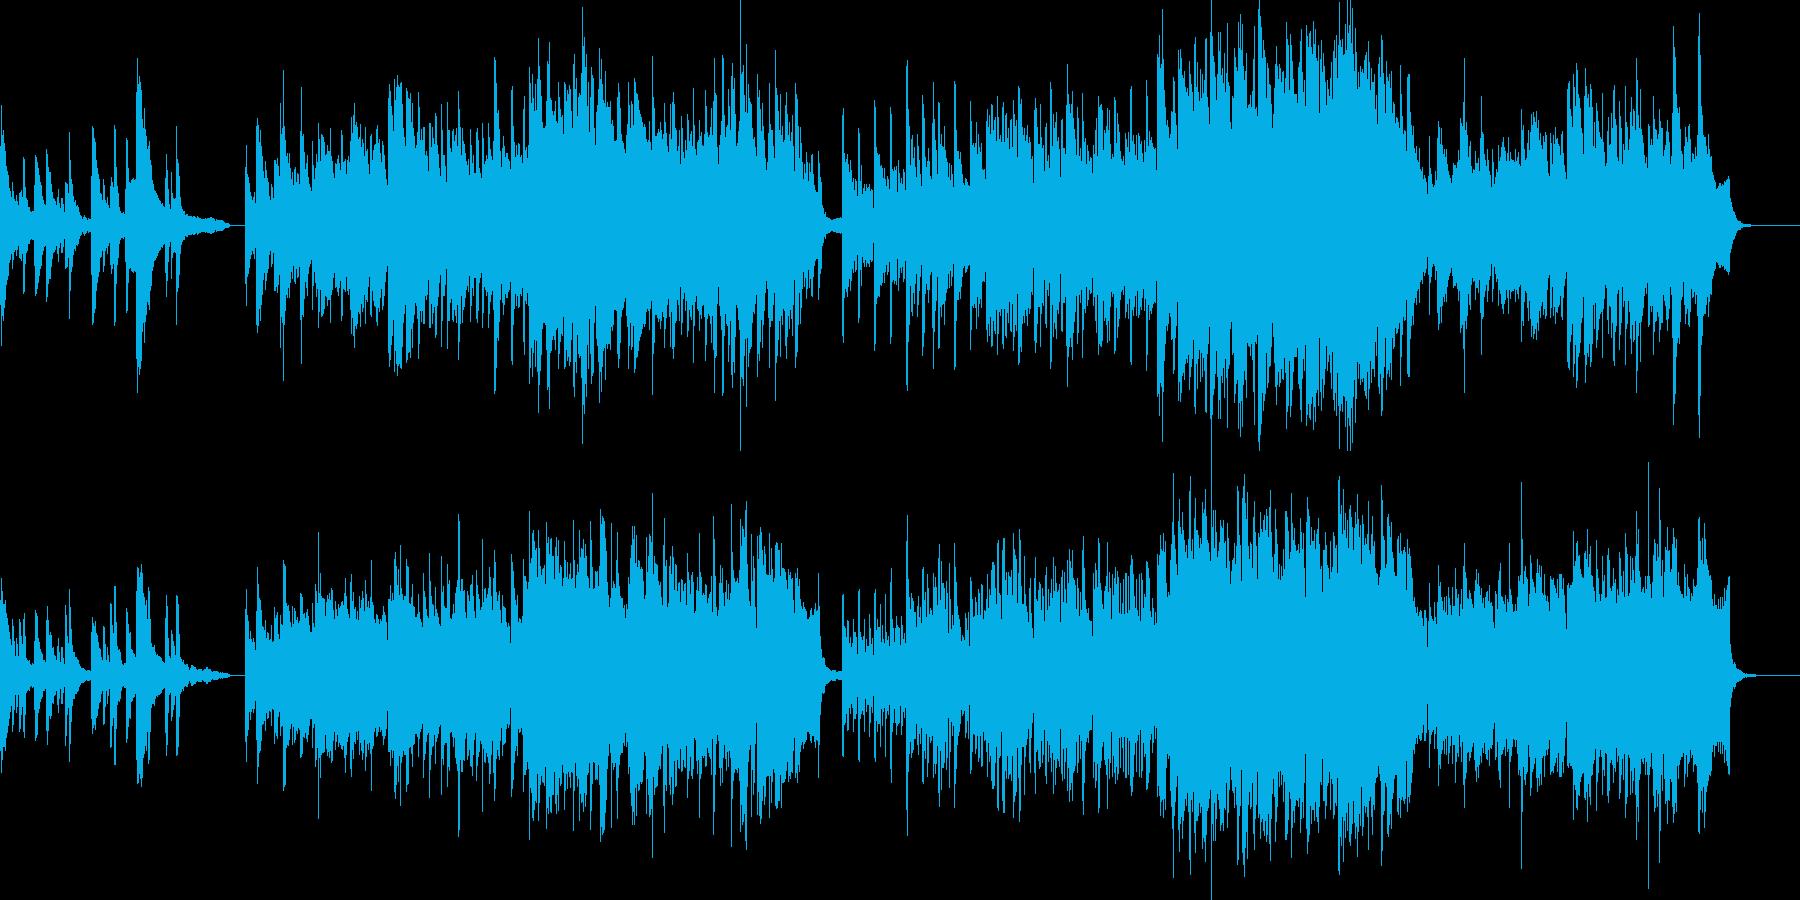 ゆったりとした雰囲気を演出するオーボエ曲の再生済みの波形